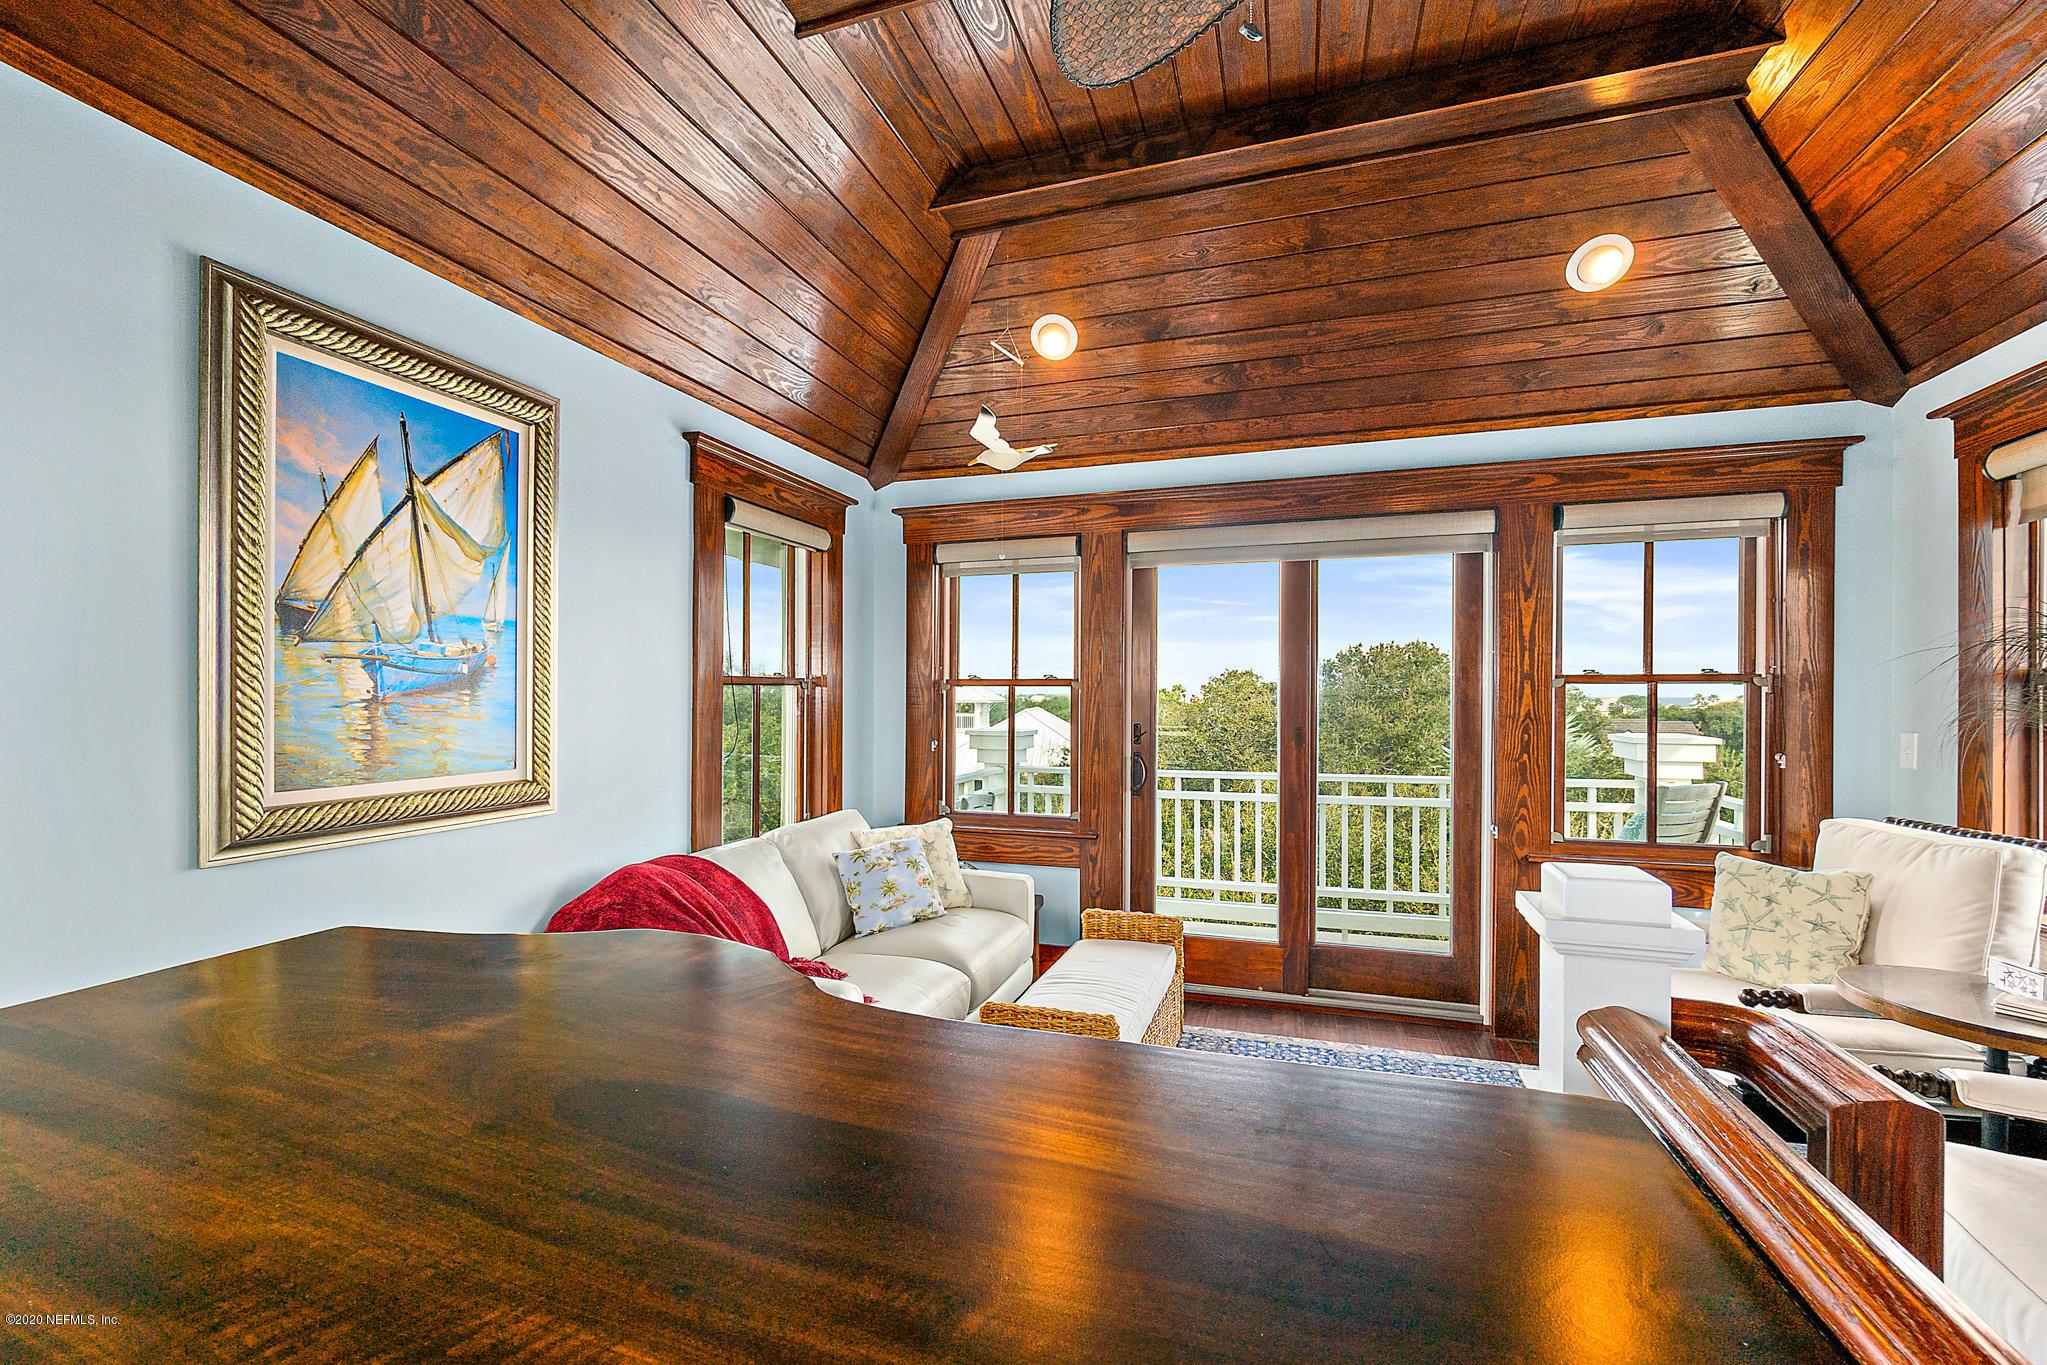 923 OCEAN PALM, ST AUGUSTINE BEACH, FLORIDA 32080, 4 Bedrooms Bedrooms, ,4 BathroomsBathrooms,Residential,For sale,OCEAN PALM,1080319